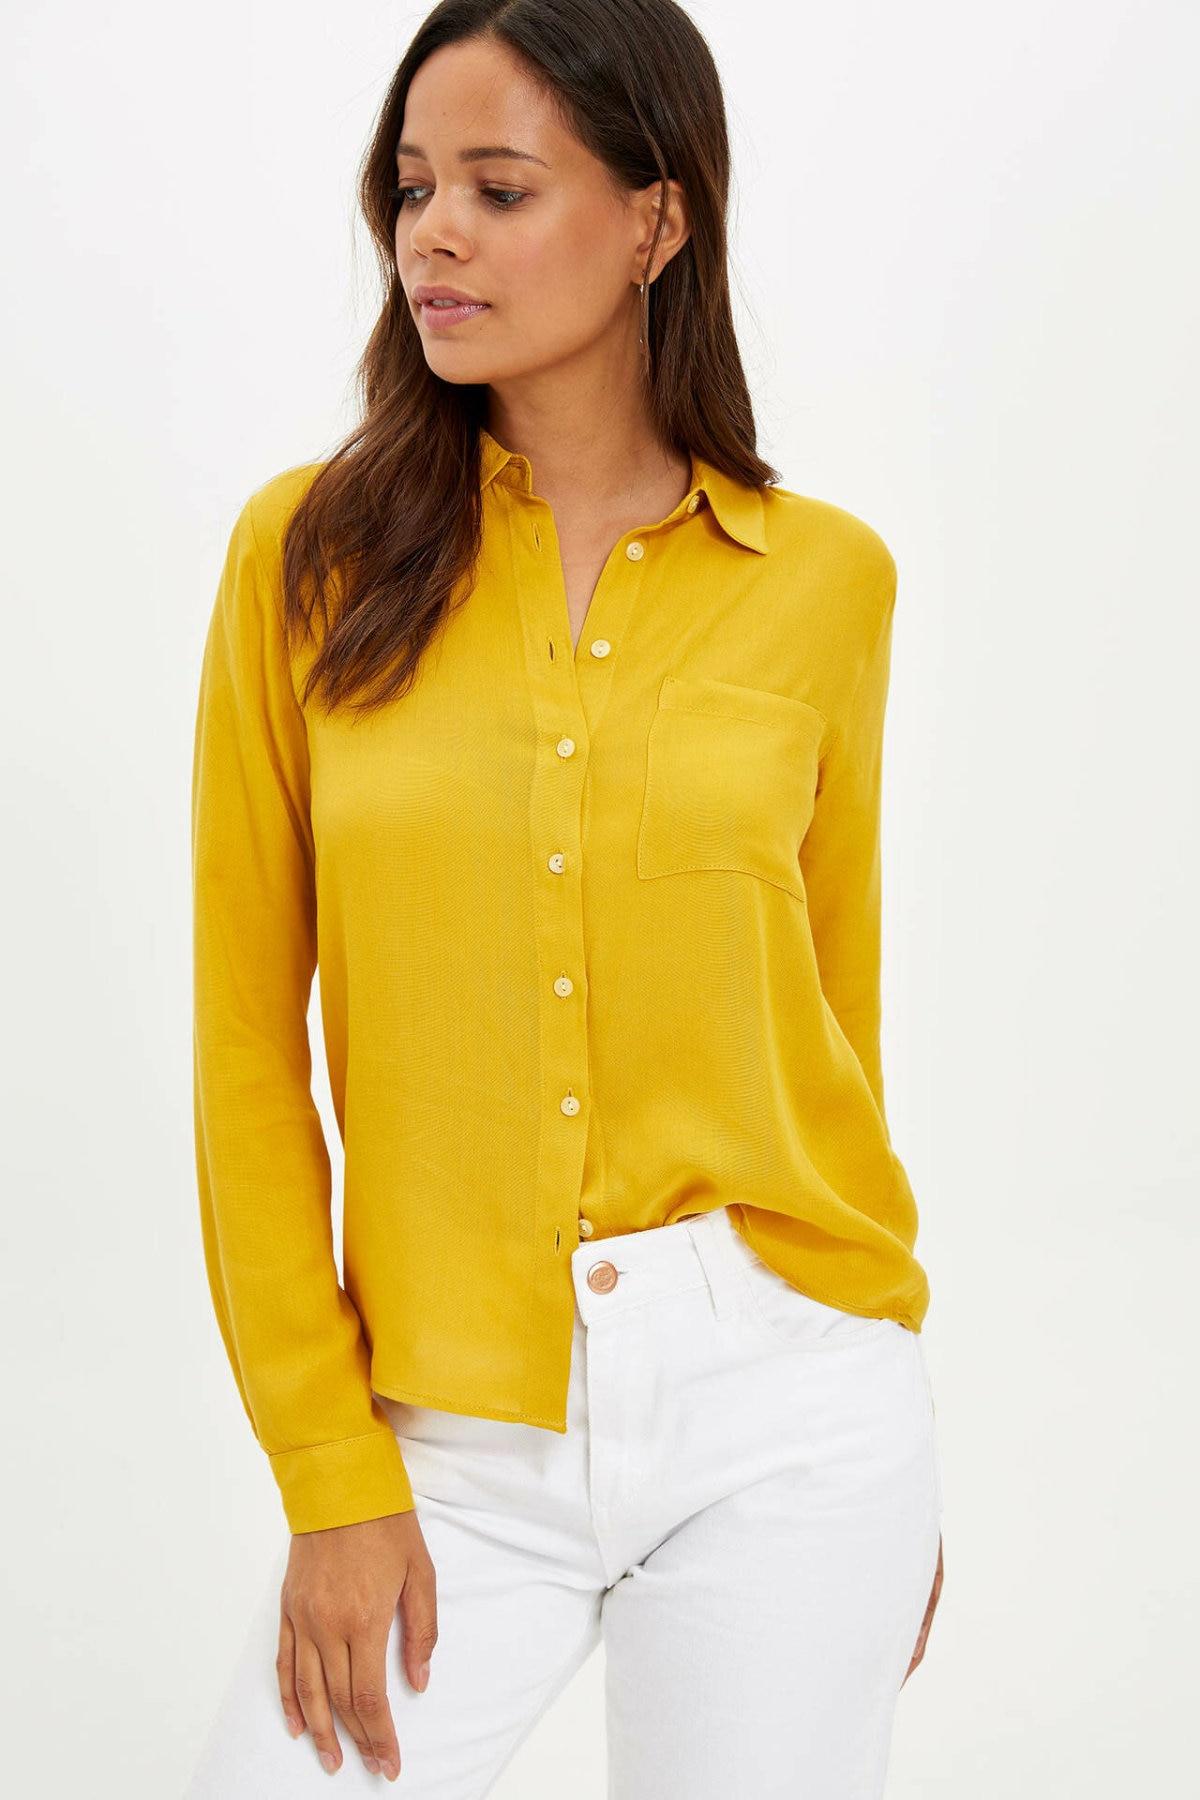 DeFacto Woman Long Sleeve Shirt-K5027AZ19AU